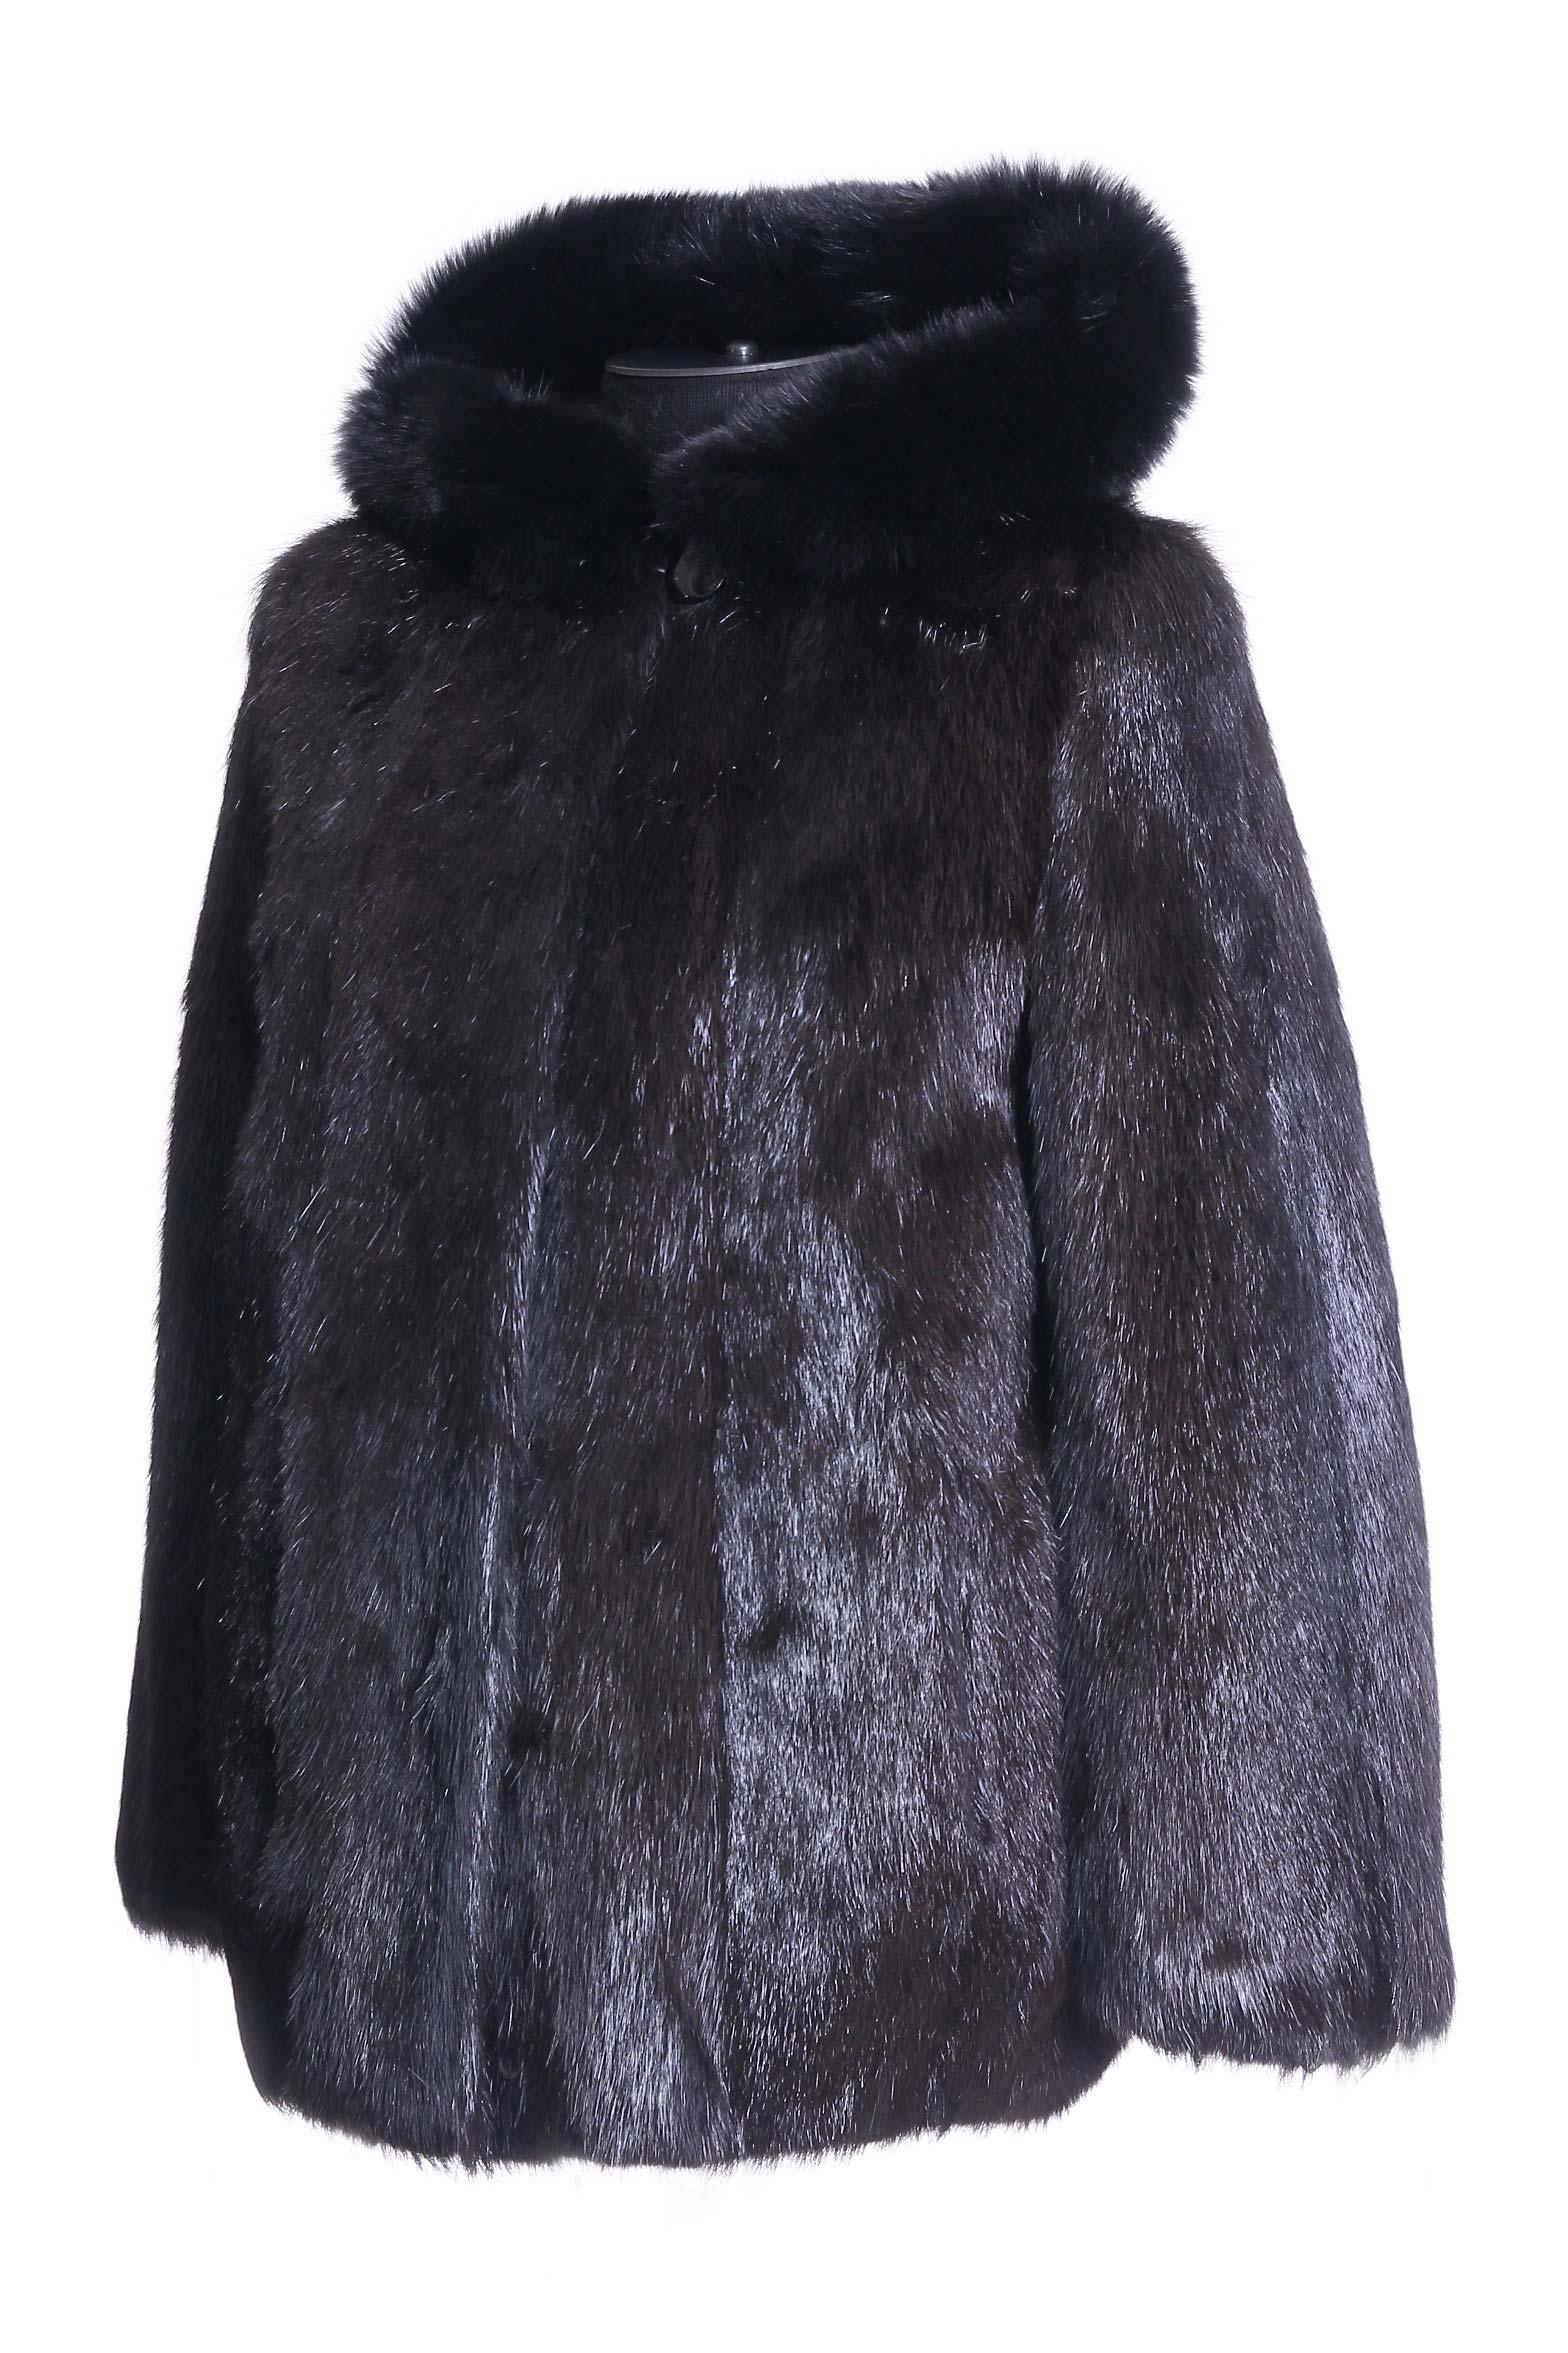 Куртка из нутрии с капюшоном, отделка песец от Московская Меховая Компания